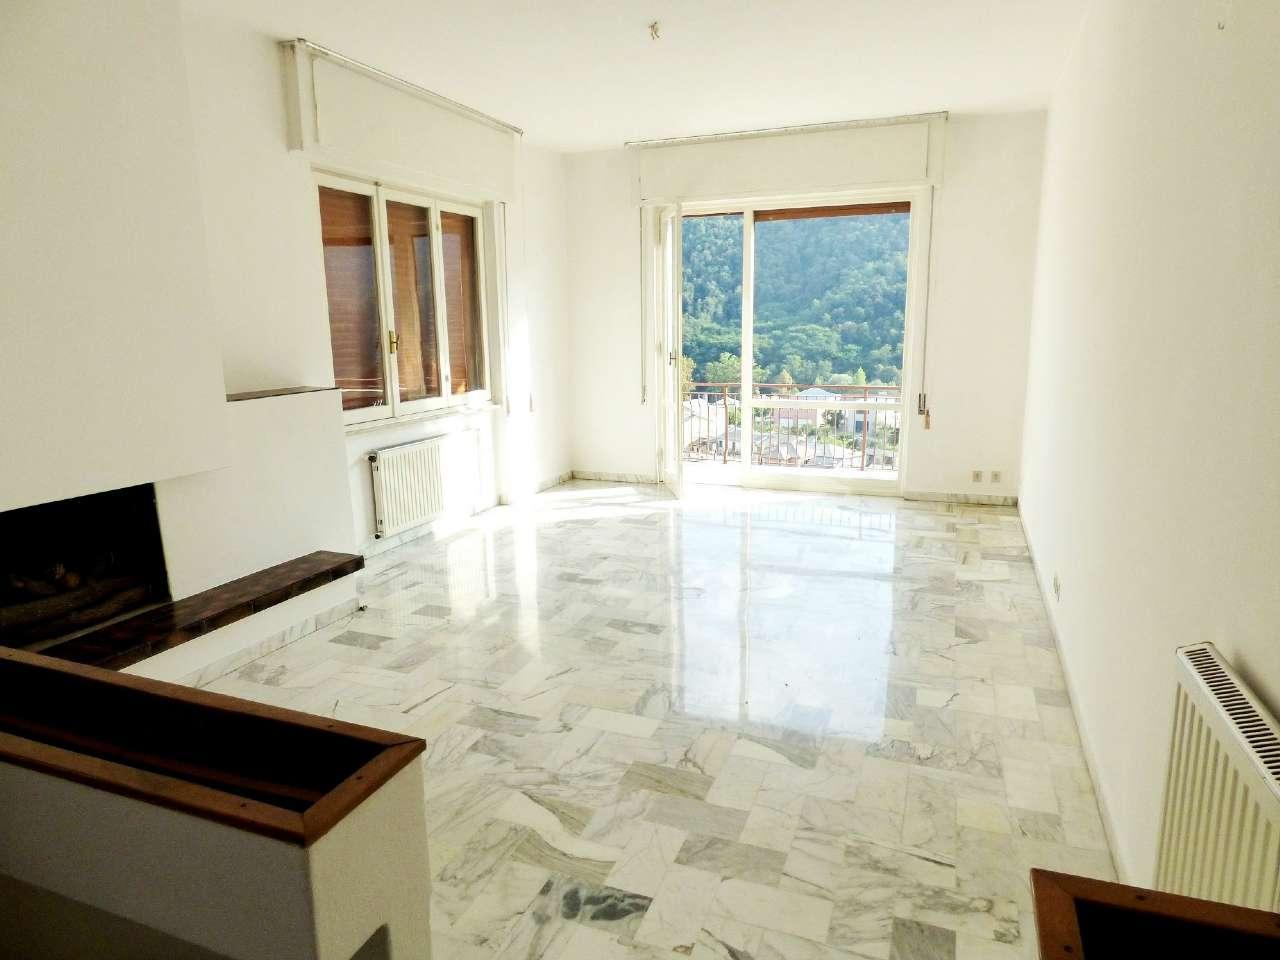 Appartamento in vendita a Cicagna, 6 locali, prezzo € 112.000 | PortaleAgenzieImmobiliari.it